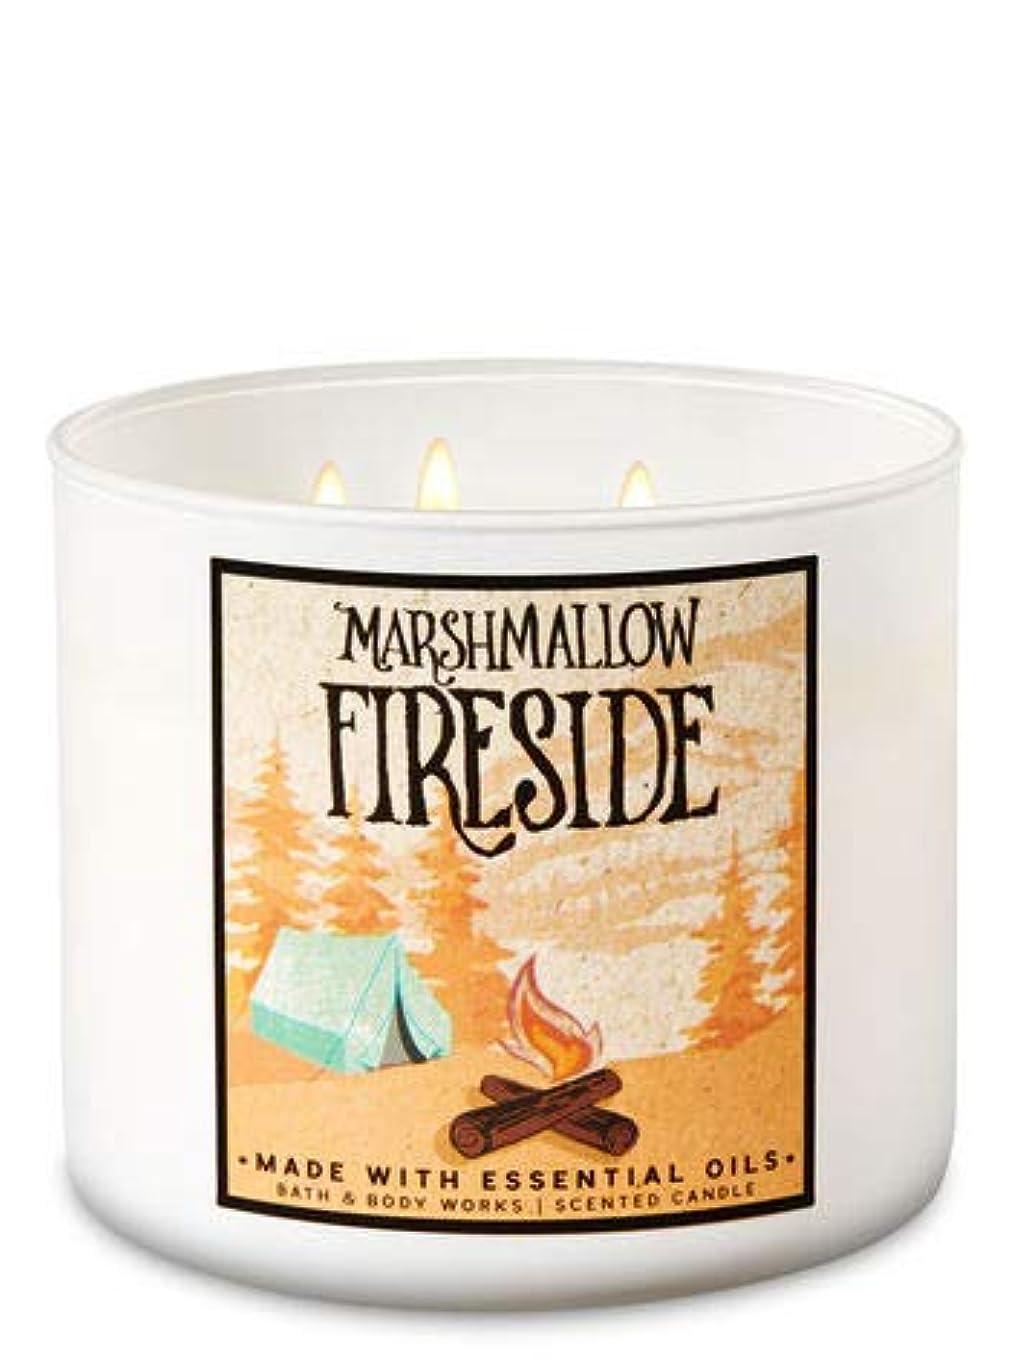 いちゃつくモチーフ汚物【Bath&Body Works/バス&ボディワークス】 アロマキャンドル マシュマロファイヤーサイド 3-Wick Scented Candle Marshmallow Fireside 14.5oz/411g [並行輸入品]